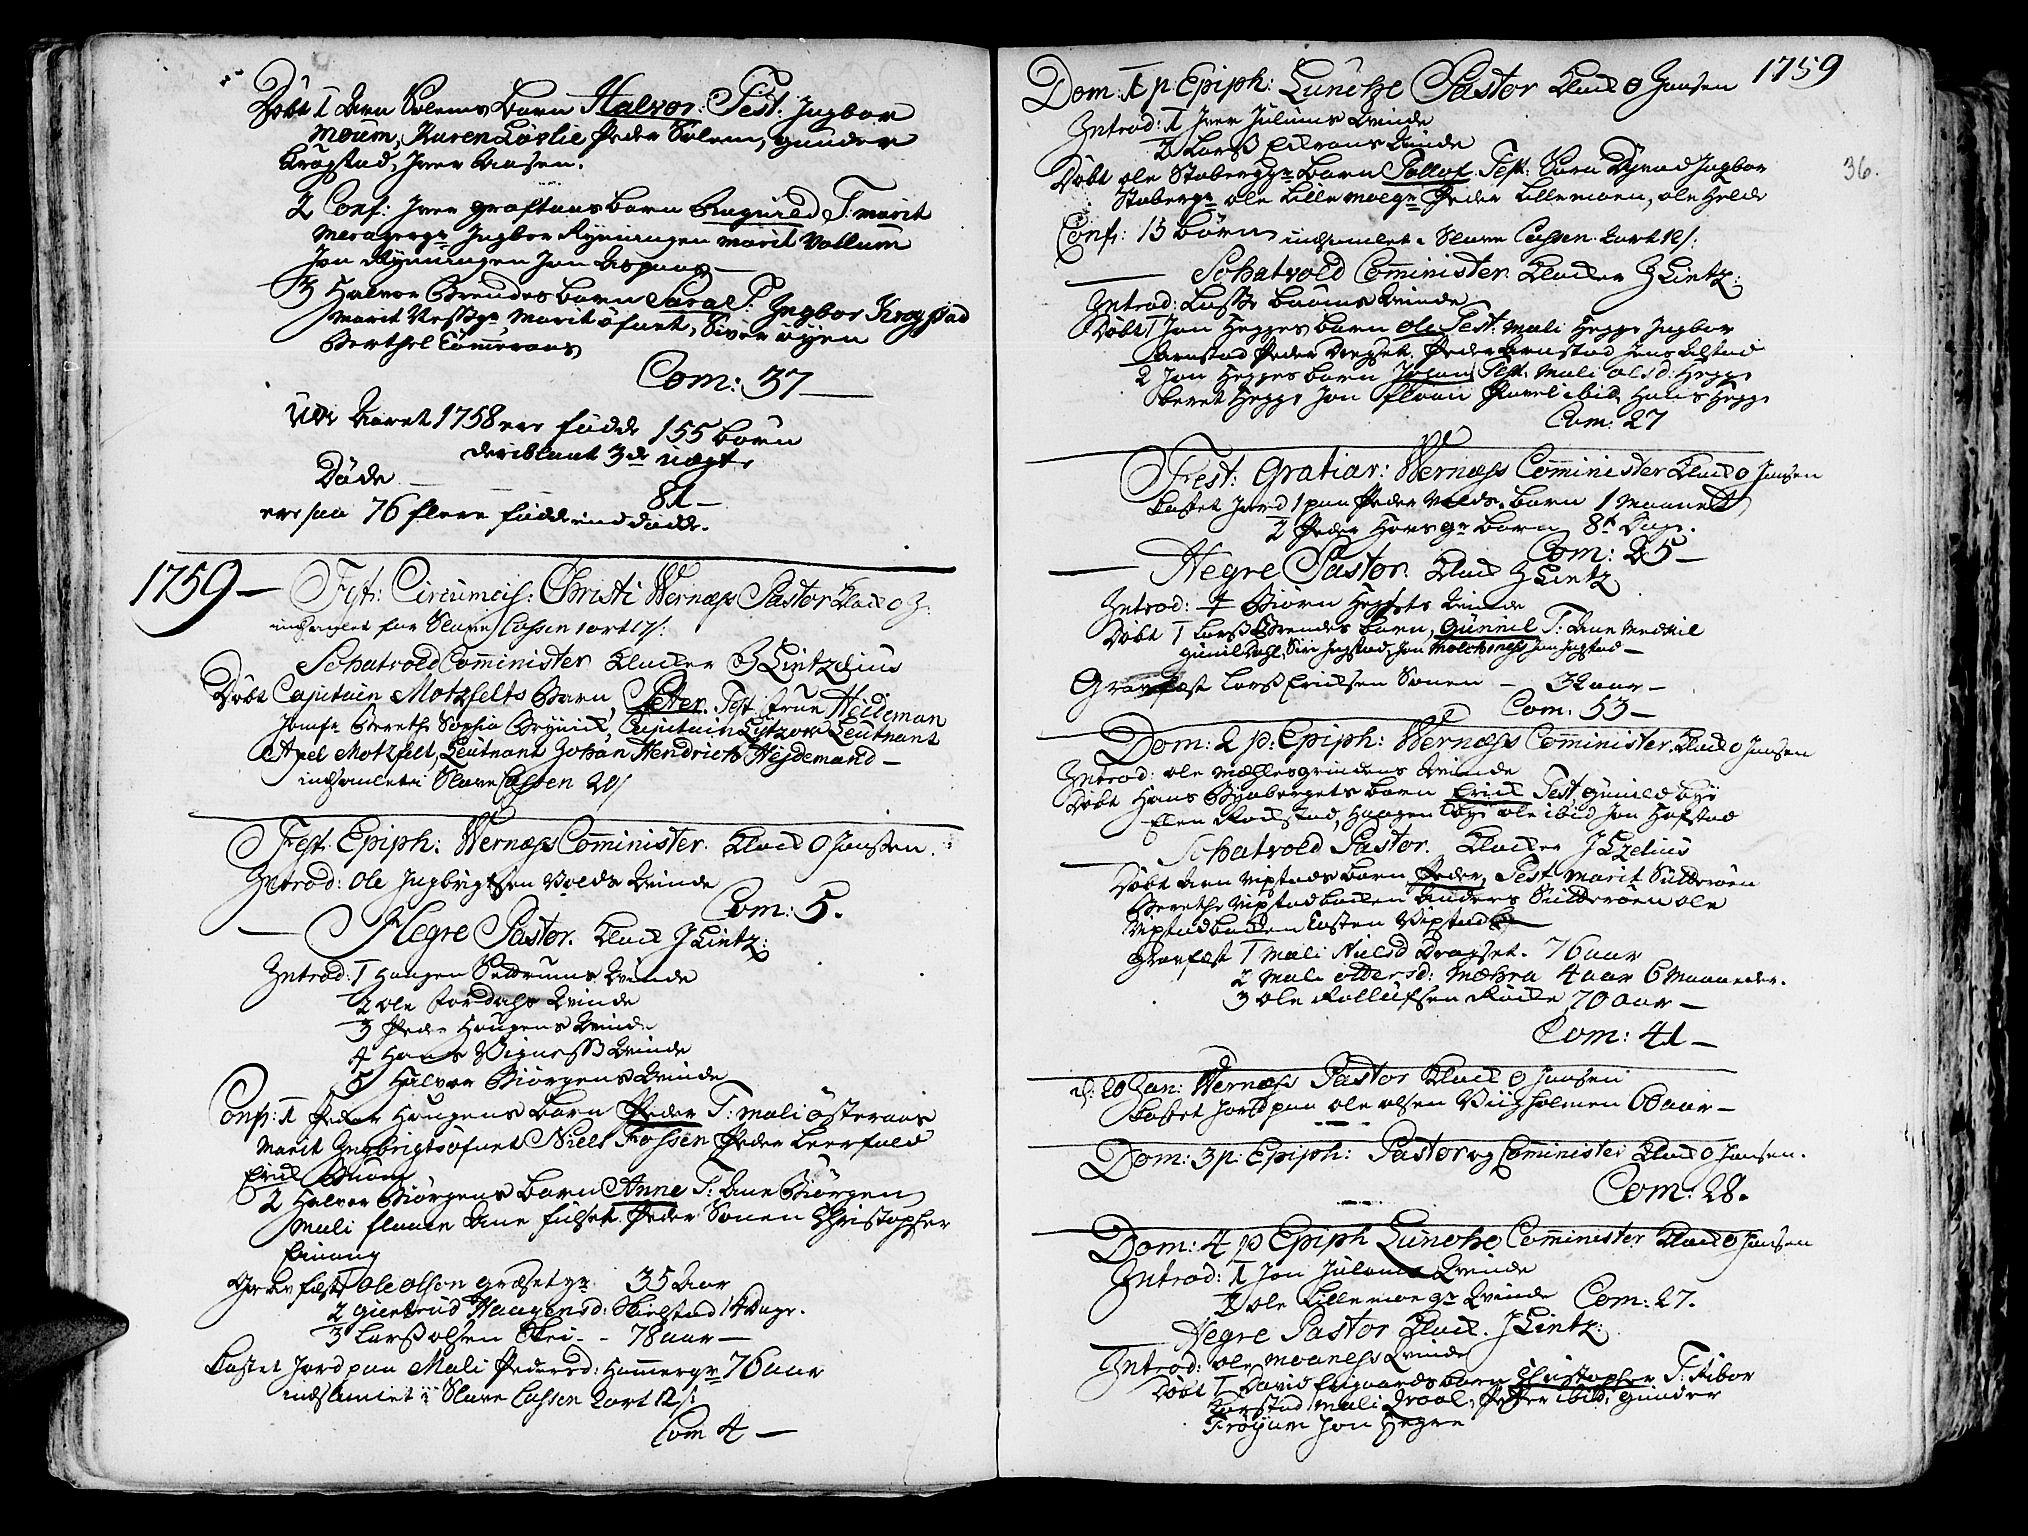 SAT, Ministerialprotokoller, klokkerbøker og fødselsregistre - Nord-Trøndelag, 709/L0057: Ministerialbok nr. 709A05, 1755-1780, s. 36